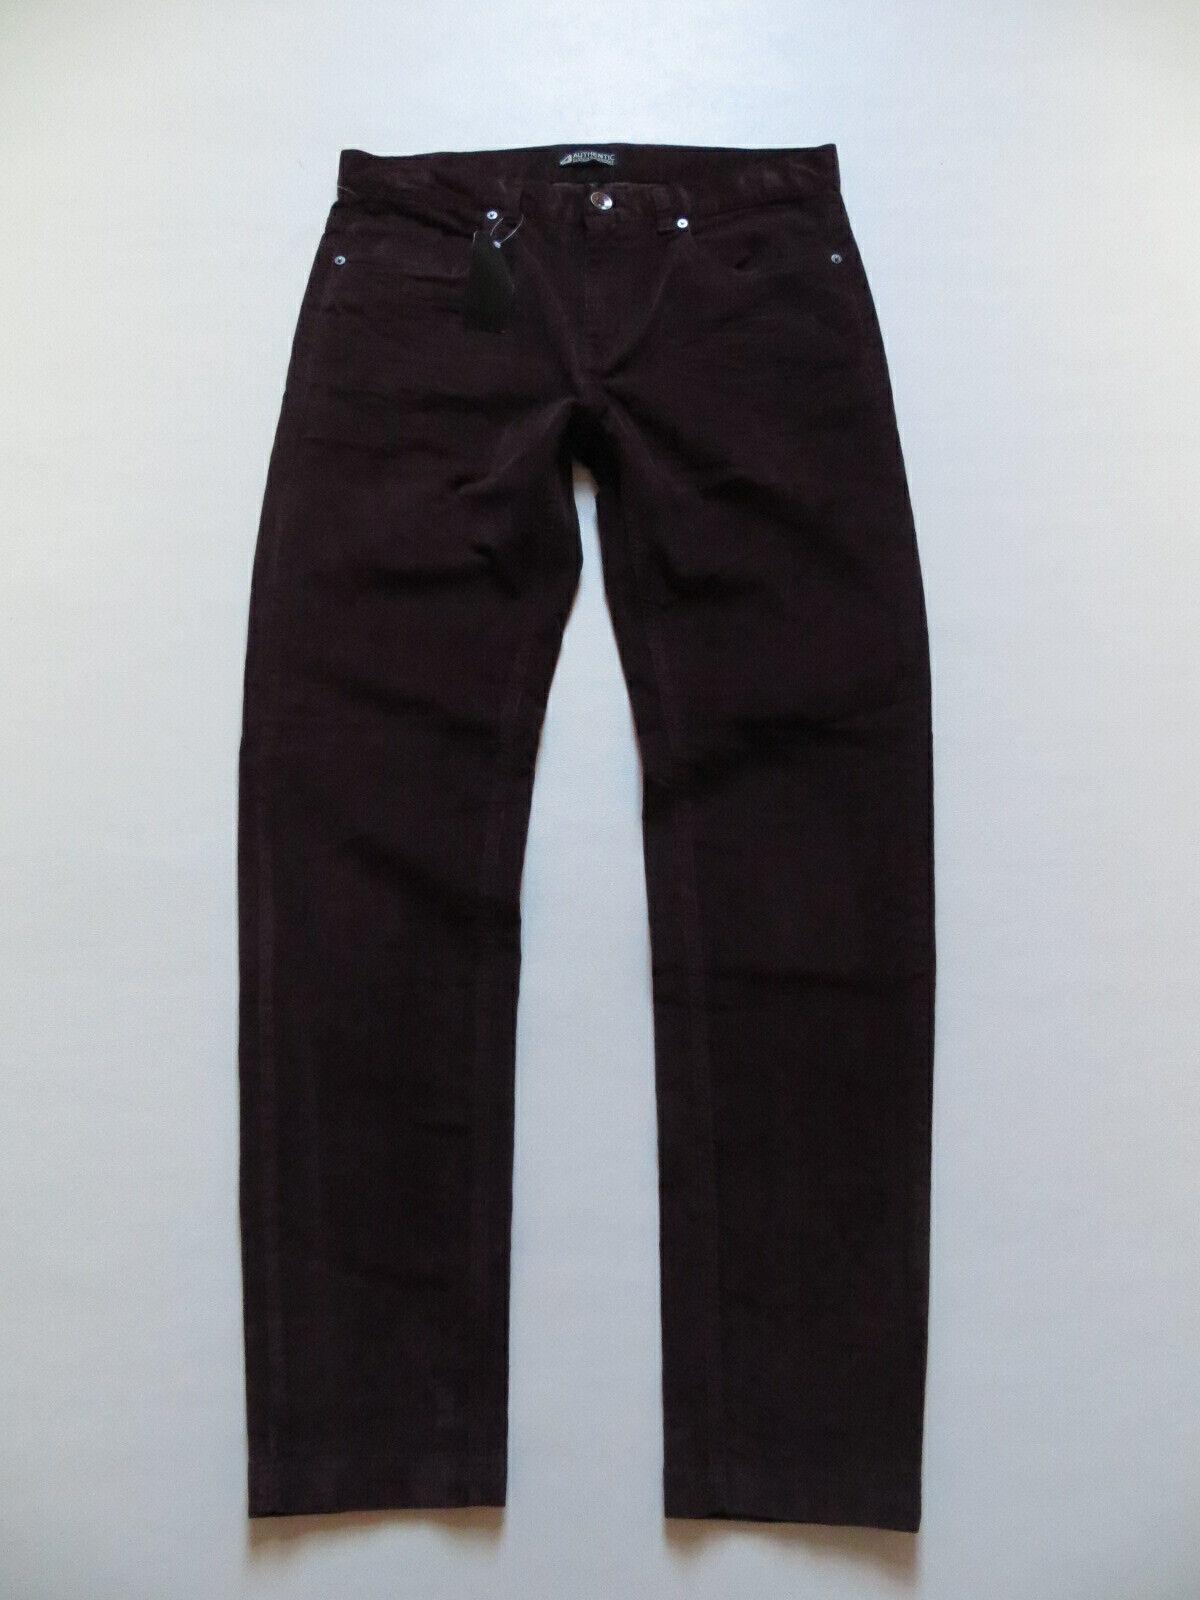 Cord Jeans Hose, W 38  L 33, aubergine, NEU   bequeme Stretch Cordhose   Gr. 54